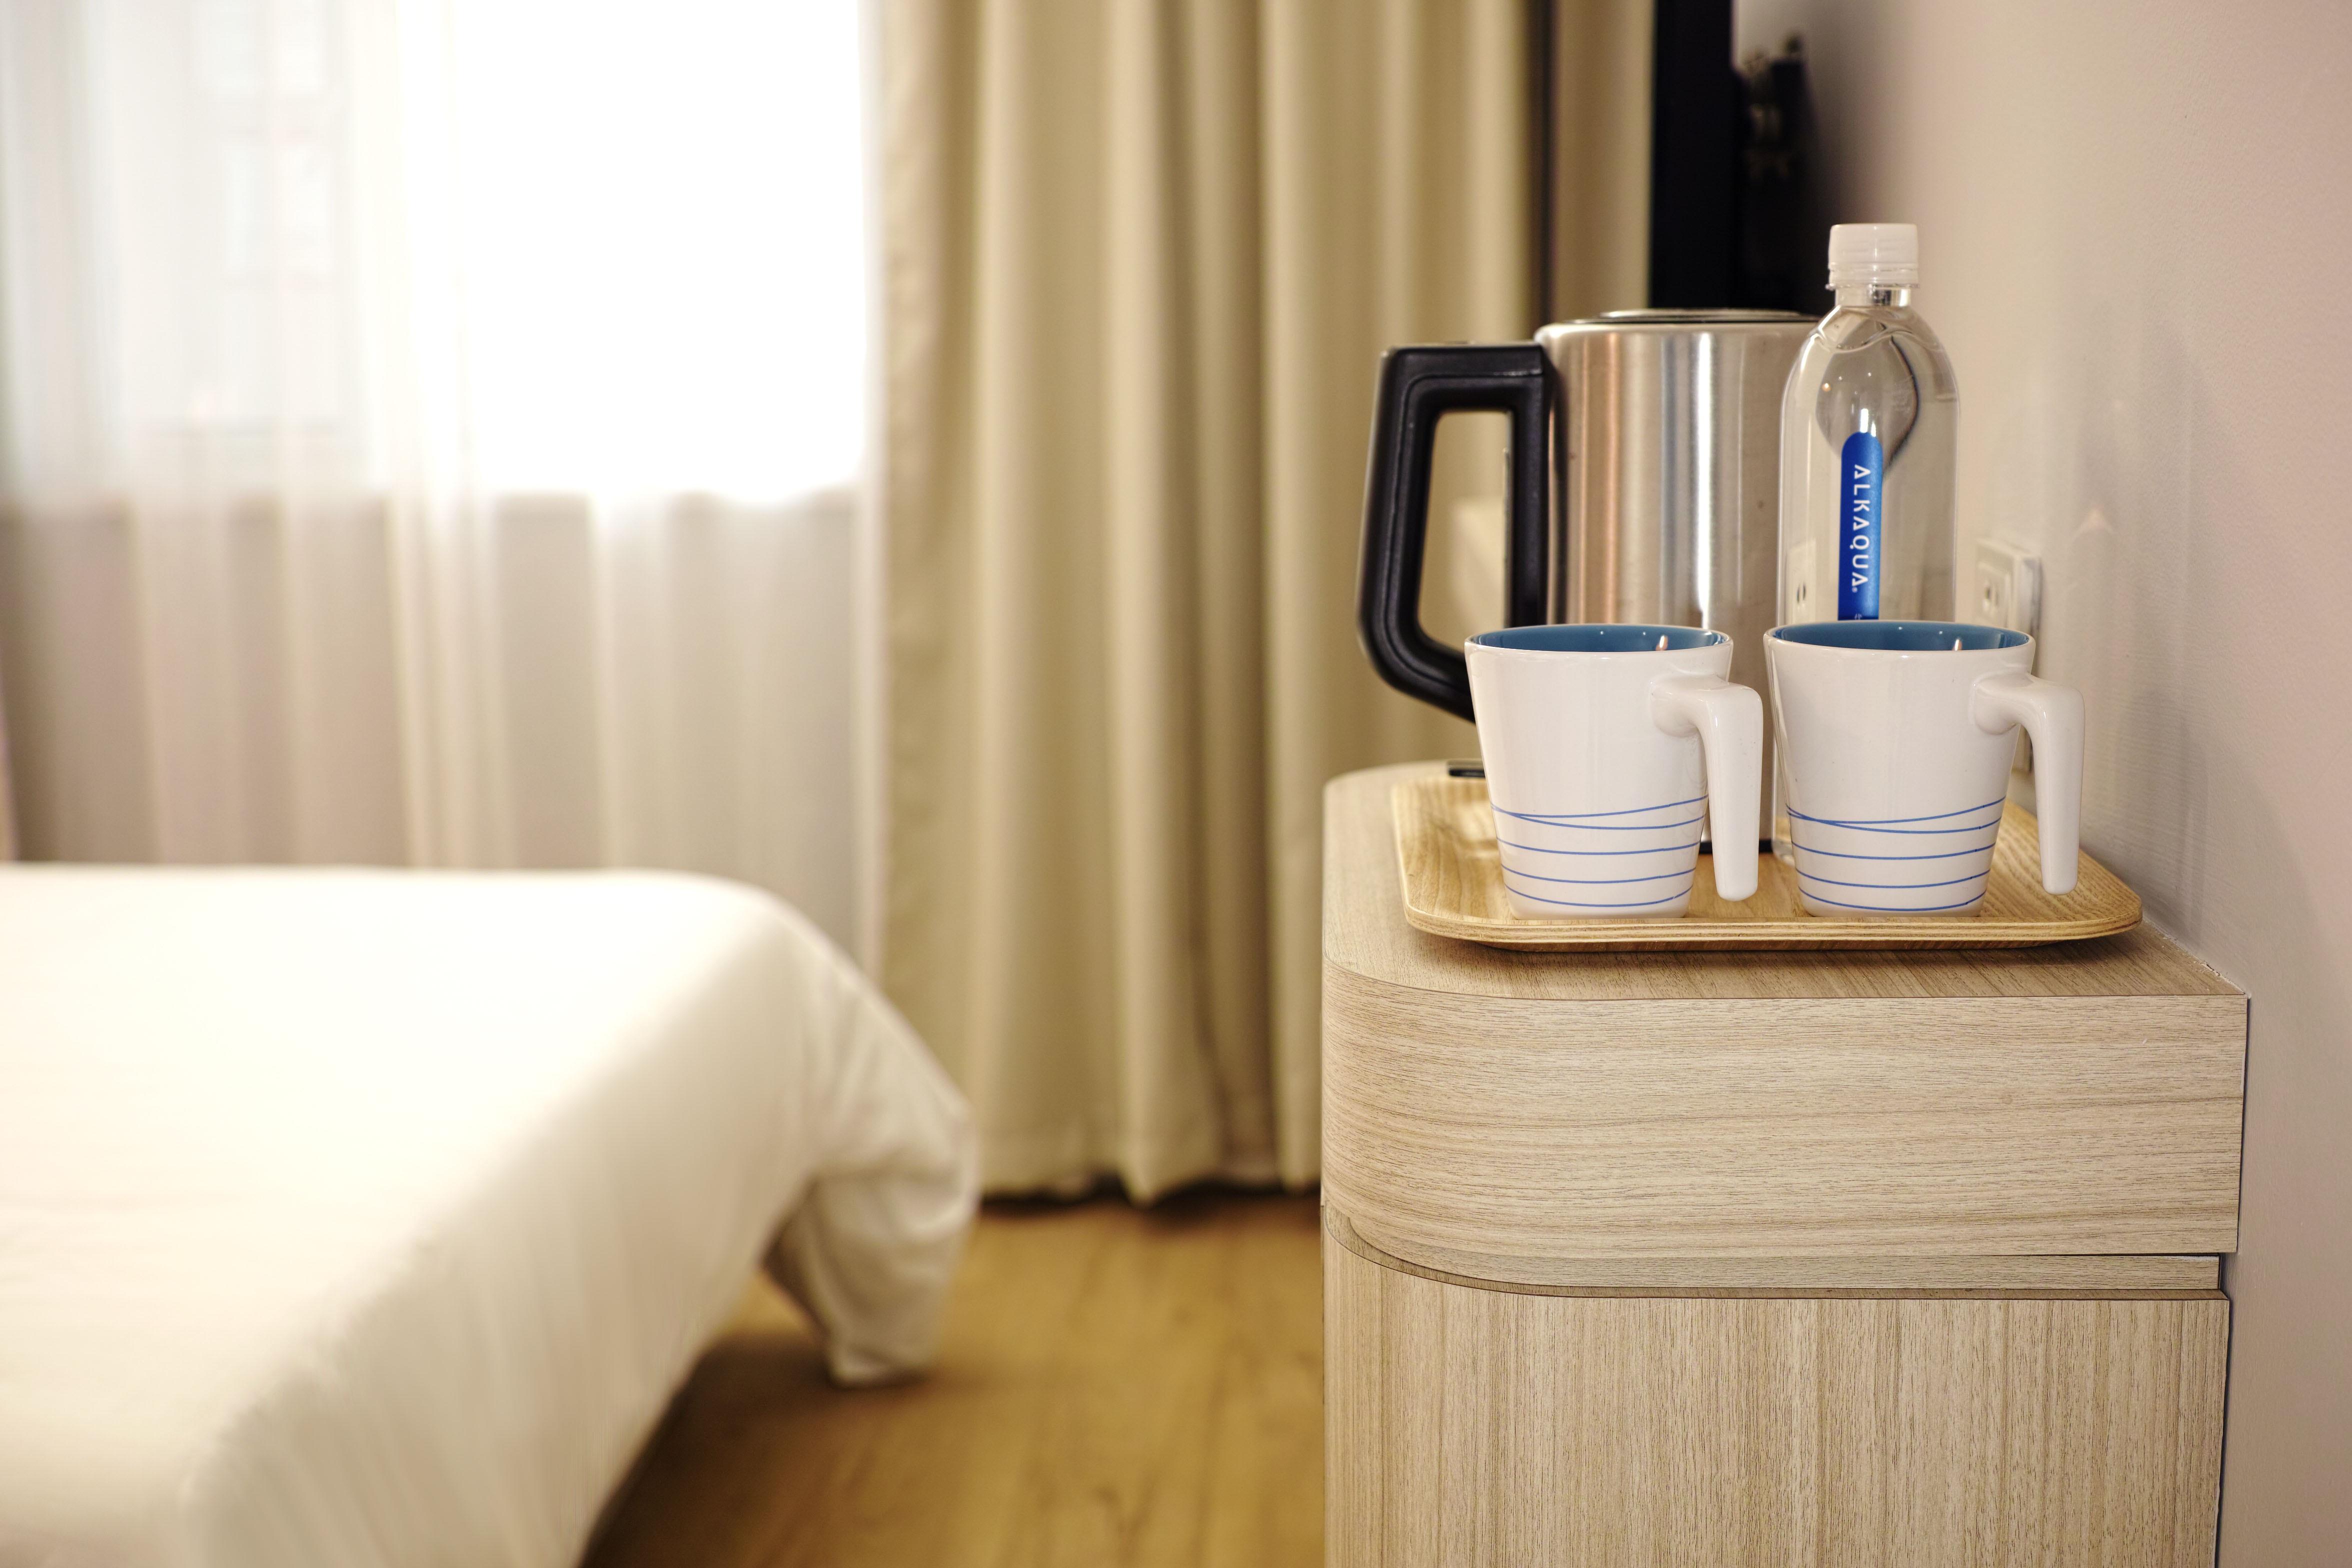 Legionella Control in a Hotel Setting